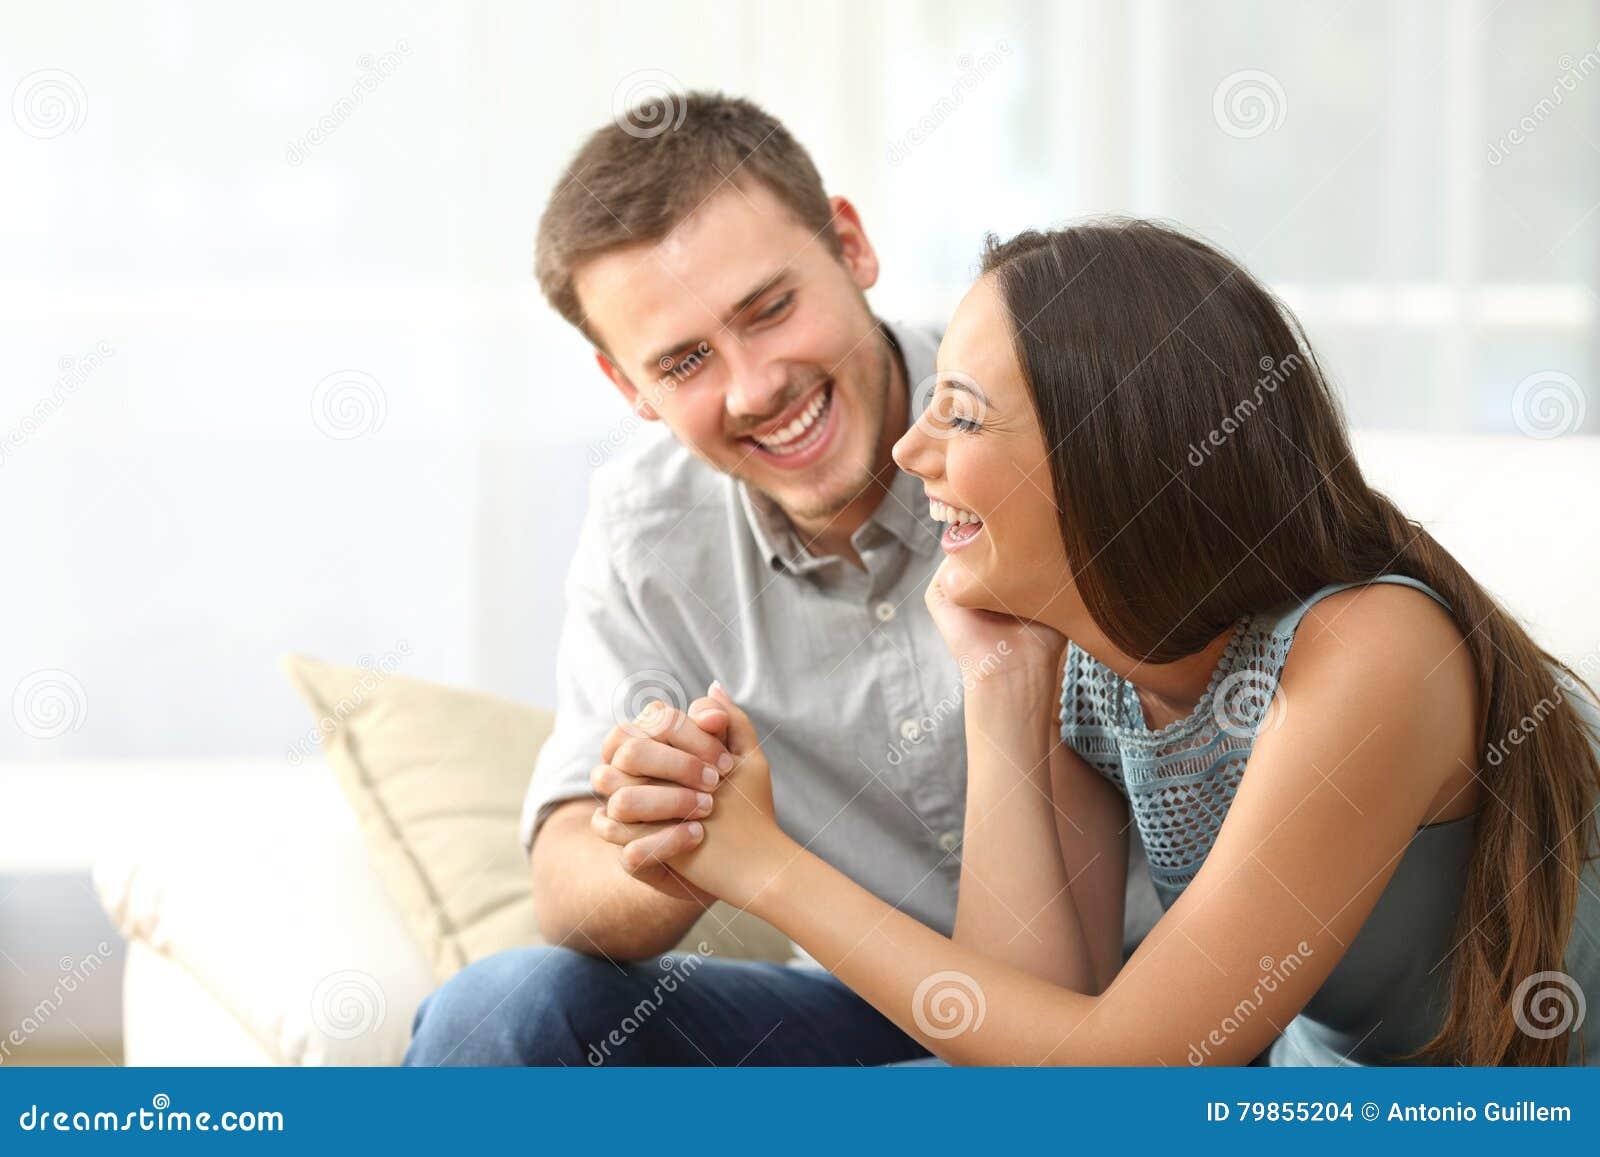 hsv Dating-Seiten canada